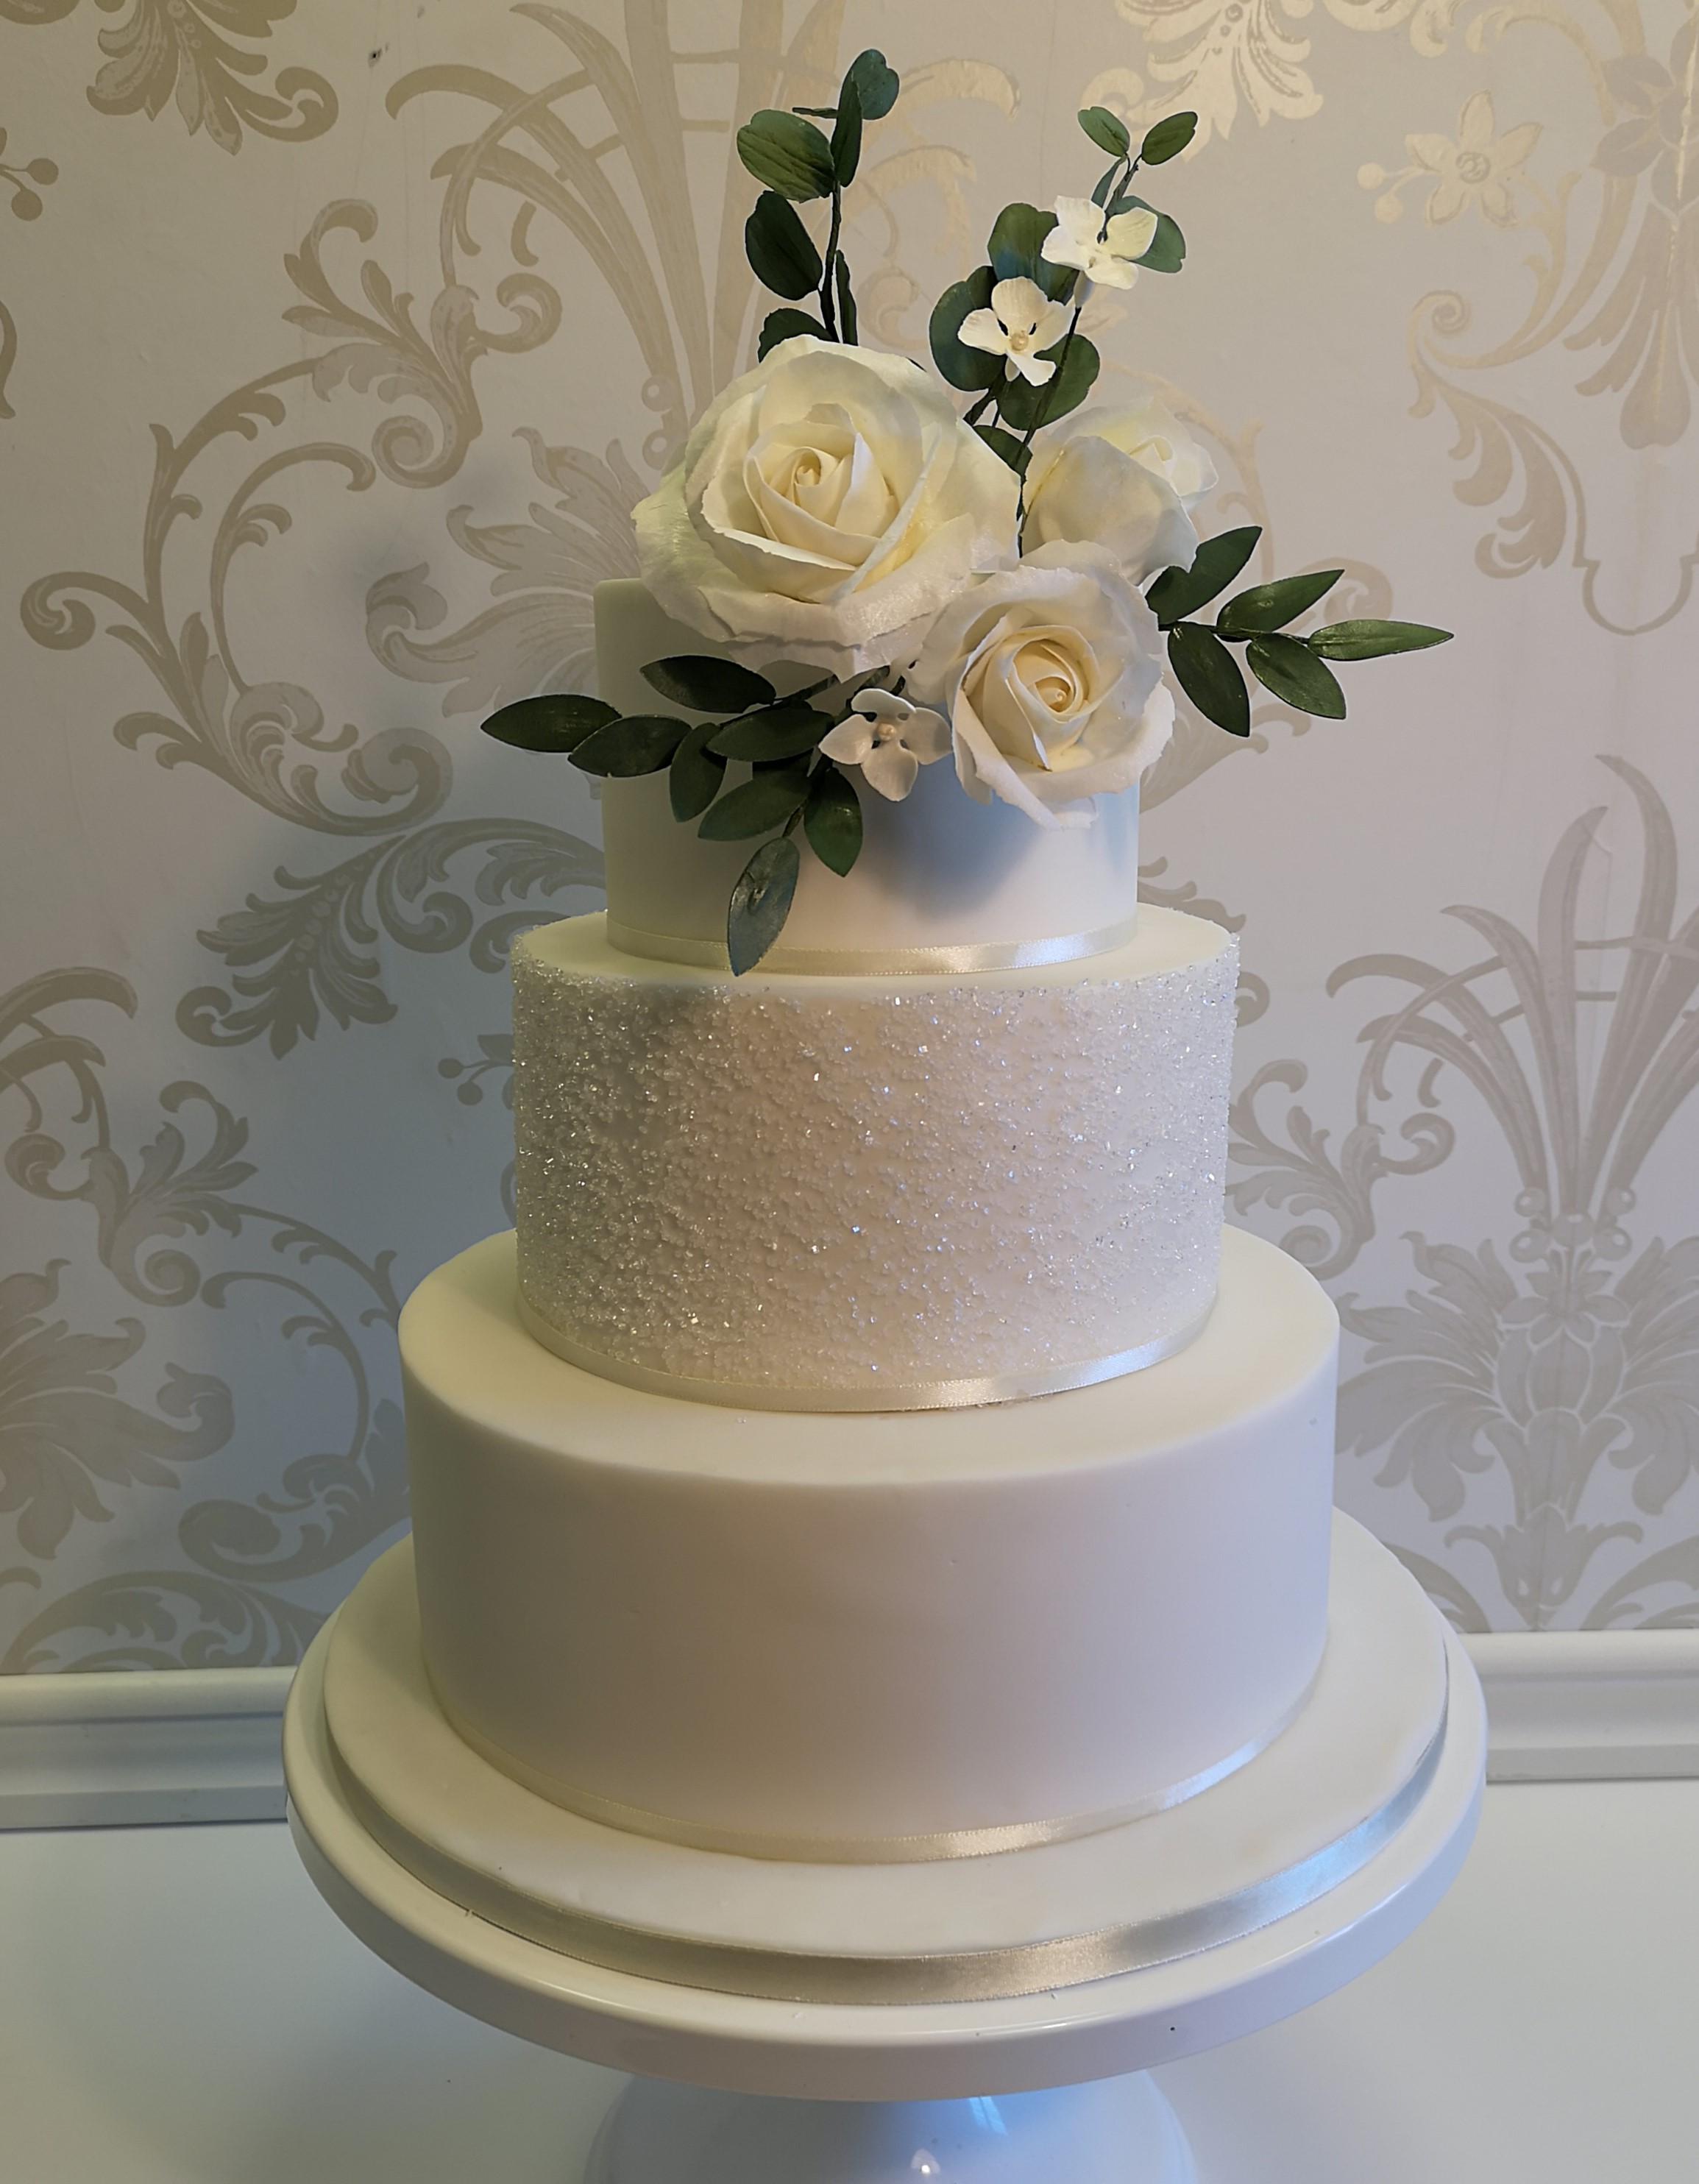 Catarina Esbjörnsson på Cake by Esbjörnsson gör Exklusiva Bröllopstårtor med handgjorda sockerblommmor som kan sparas som minne efter ert bröllop. Här finner ni några av mina tårtor.